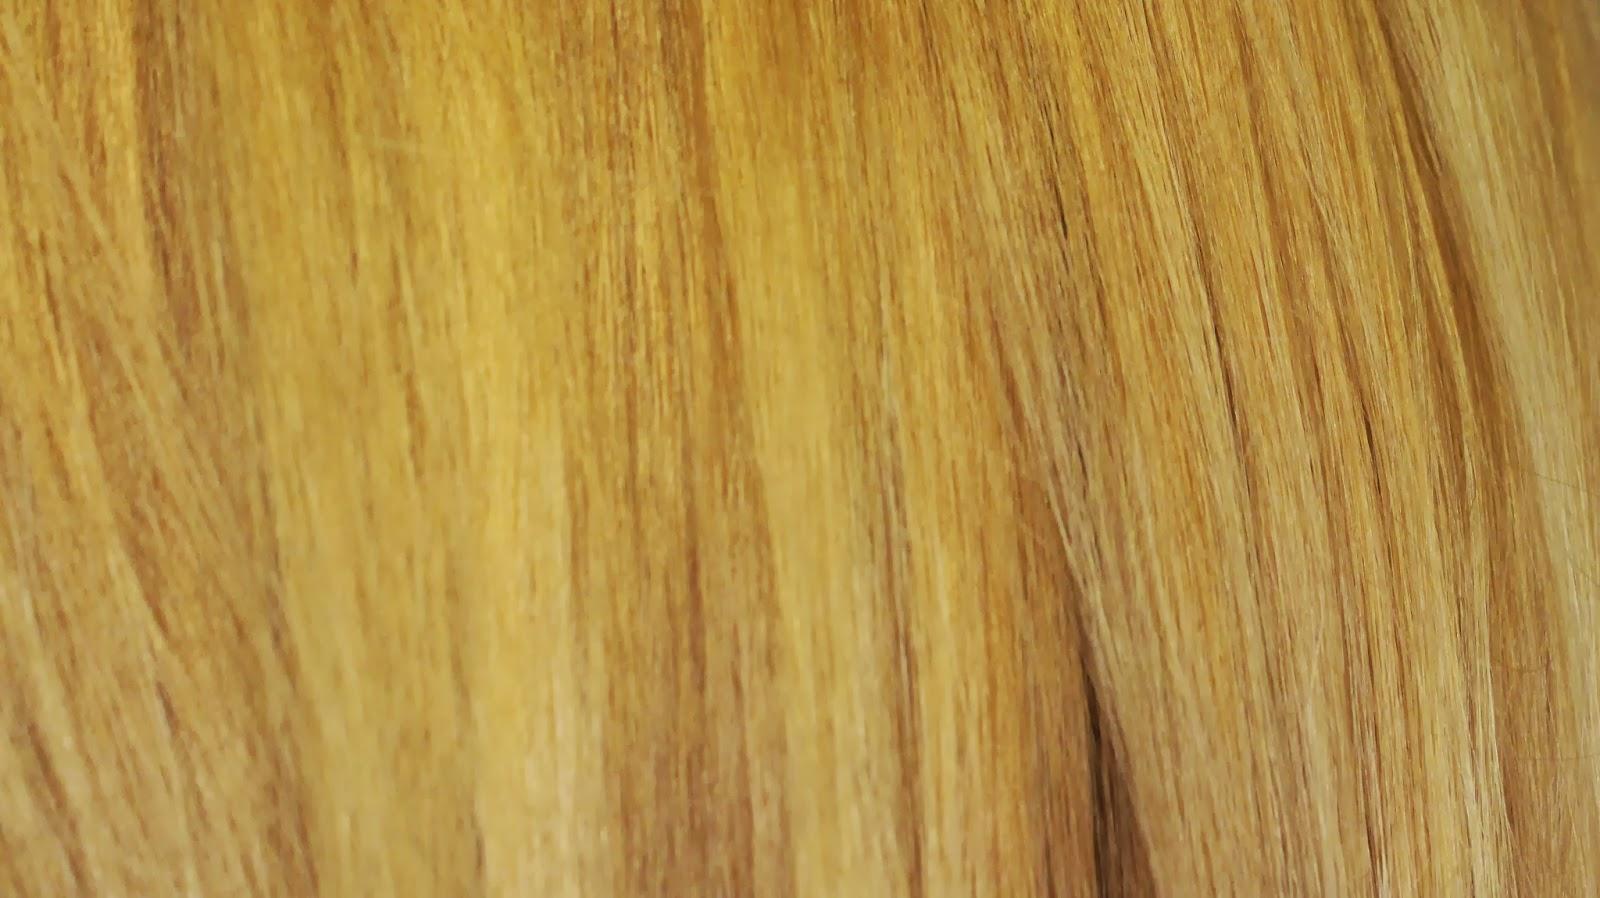 permanente haarverf verwijderen uit haar